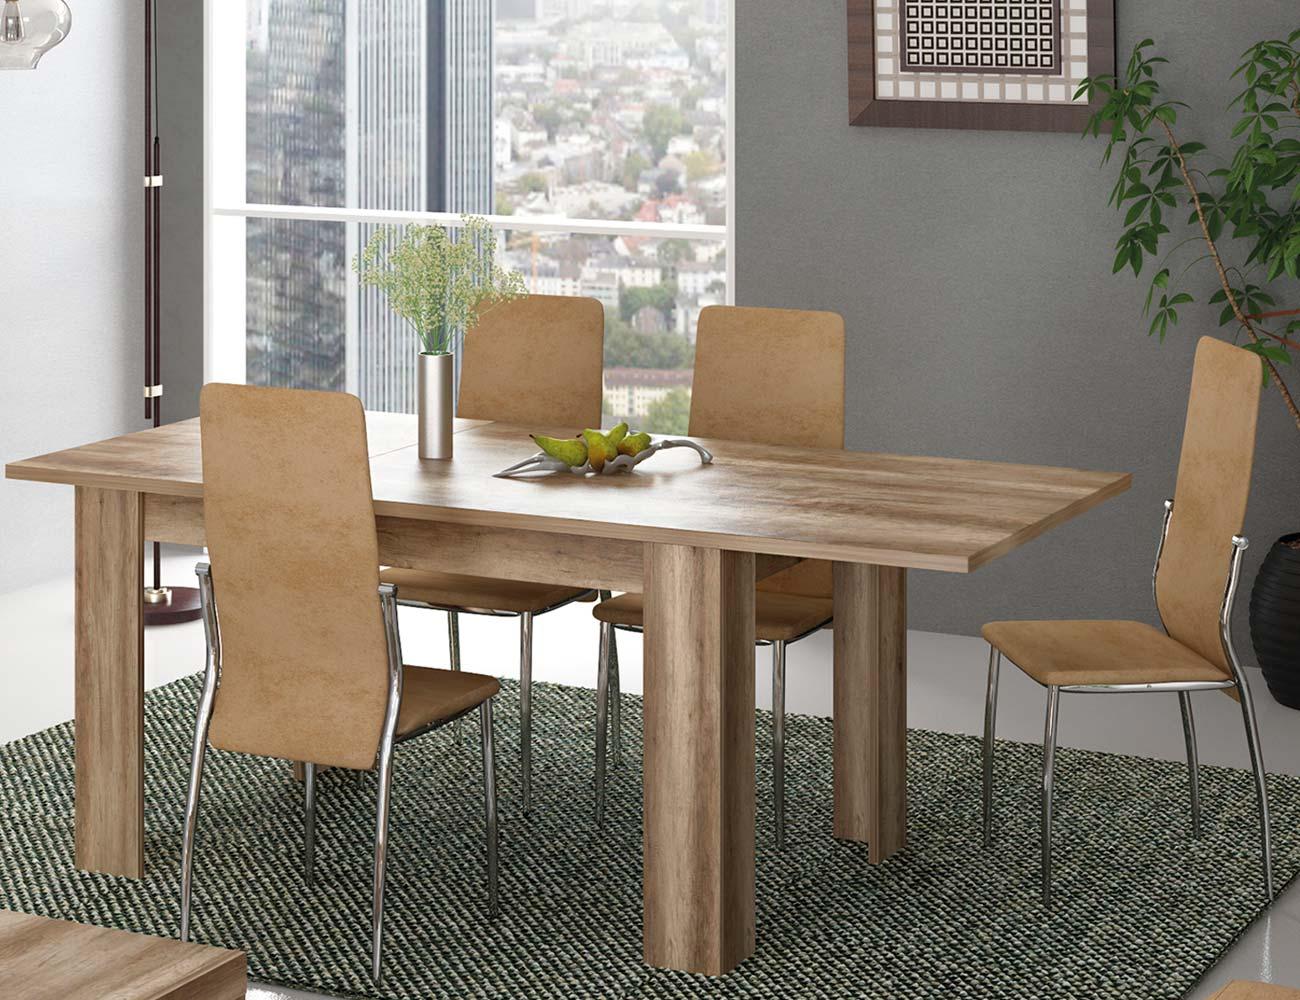 Conjunto de 4 sillas tapizadas tela jarama color beige y - Conjunto mesa extensible y sillas comedor ...